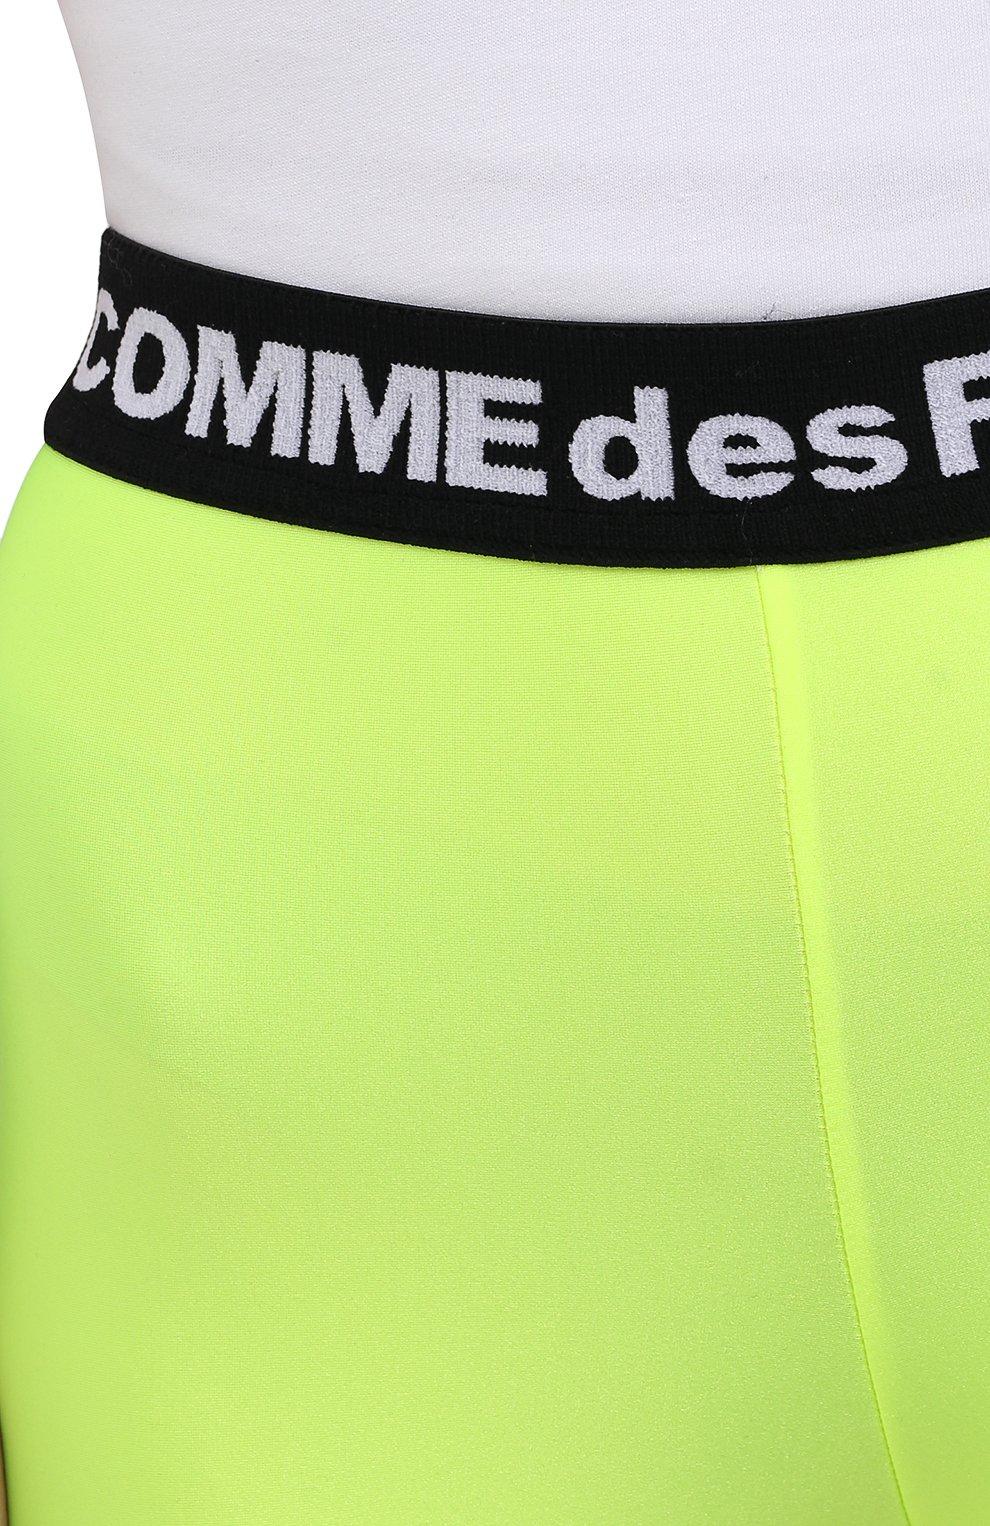 Женские шорты COMME DES FUCKDOWN светло-зеленого цвета, арт. CDFD1382 | Фото 5 (Женское Кросс-КТ: Шорты-одежда, Шорты-спорт; Длина Ж (юбки, платья, шорты): Мини; Материал внешний: Синтетический материал; Стили: Спорт-шик)